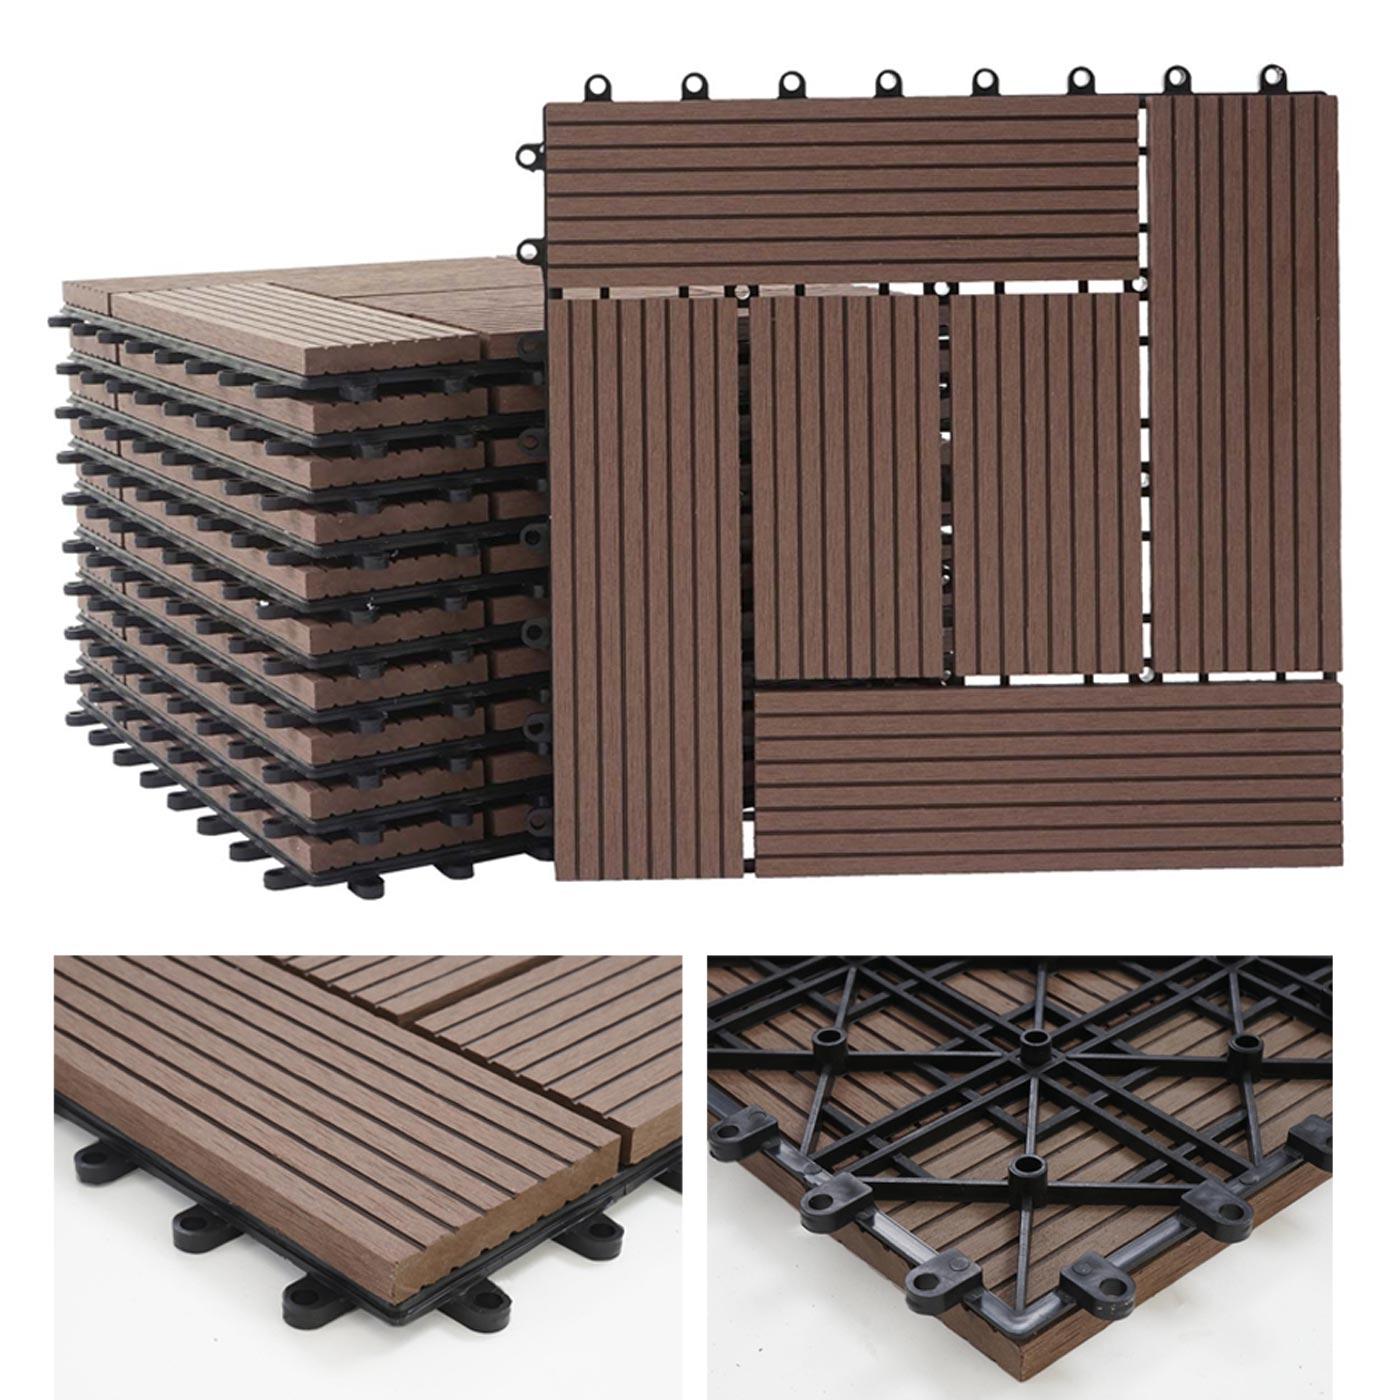 premium wpc legno piastrella rodano pavimento piastrelle terrazza 11 pezzi per 30x30cm 1qm. Black Bedroom Furniture Sets. Home Design Ideas